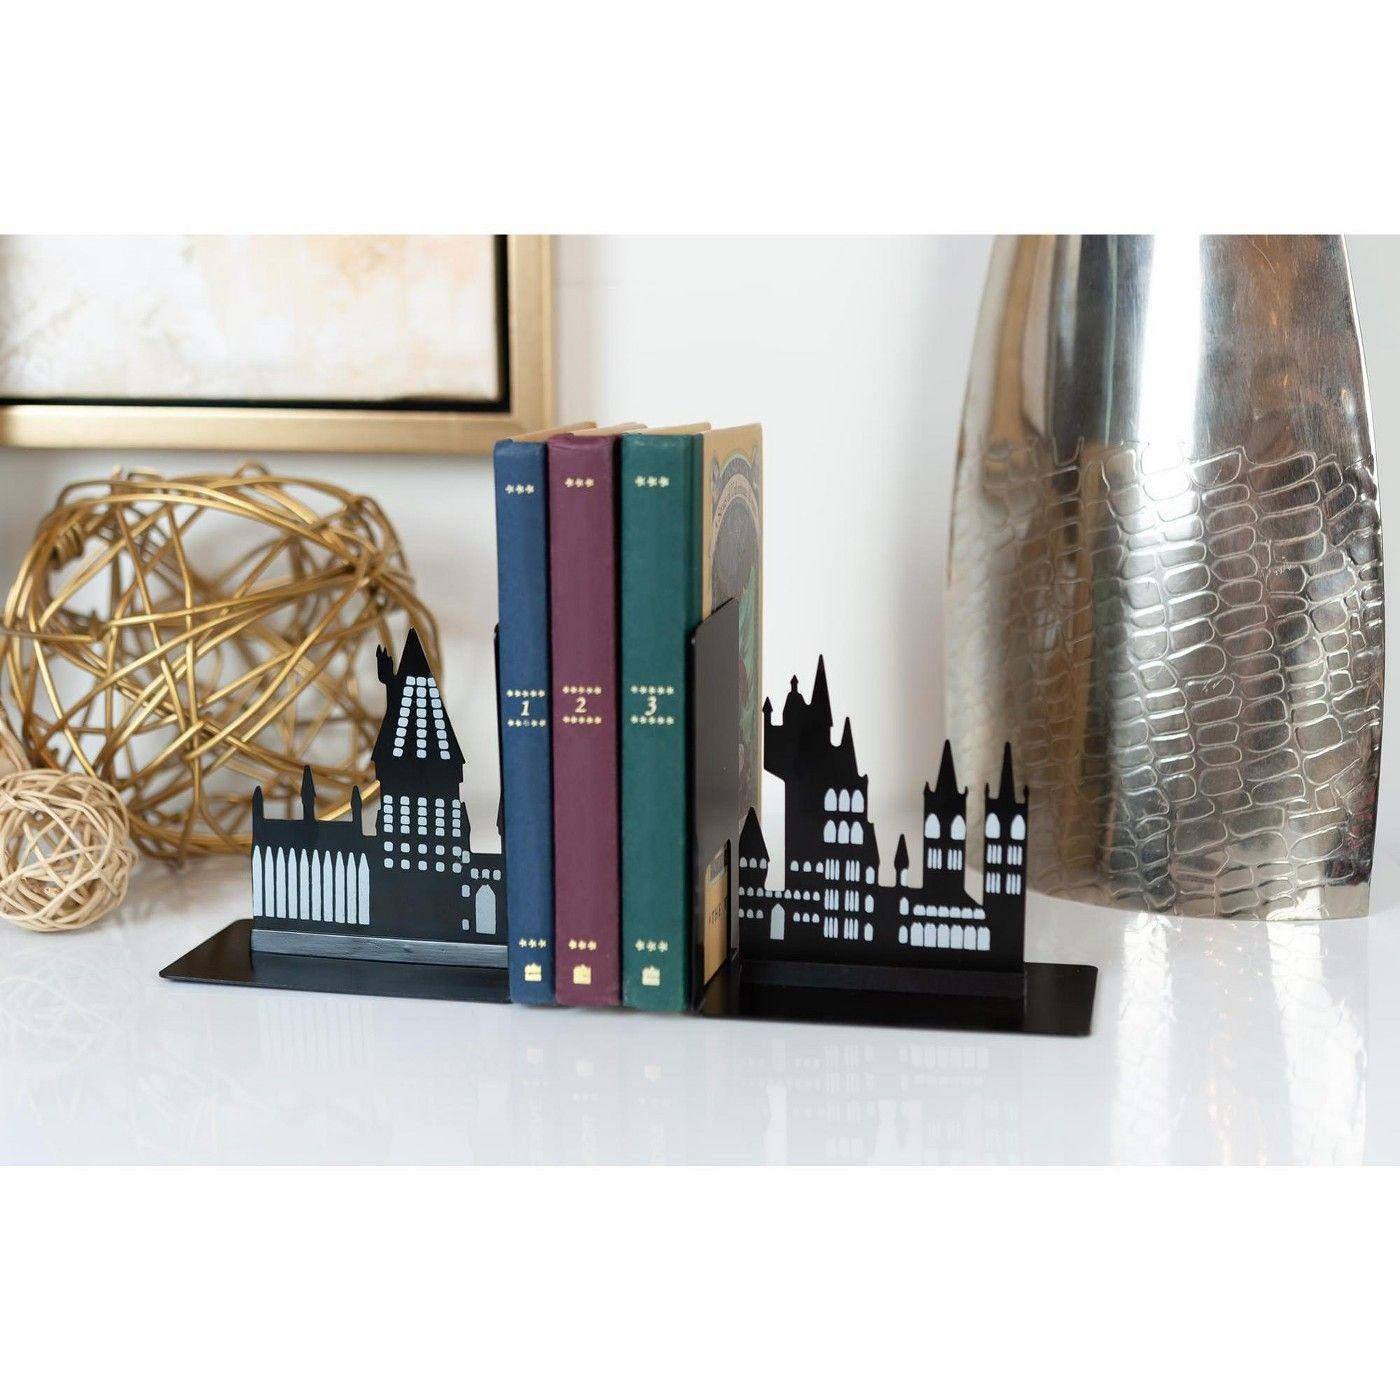 Seven20 Harry Potter Hogwarts Castle Metal Bookends For Harry Potter Books Collections Harry Potter Room Decor Harry Potter Bookends Harry Potter Hogwarts Castle